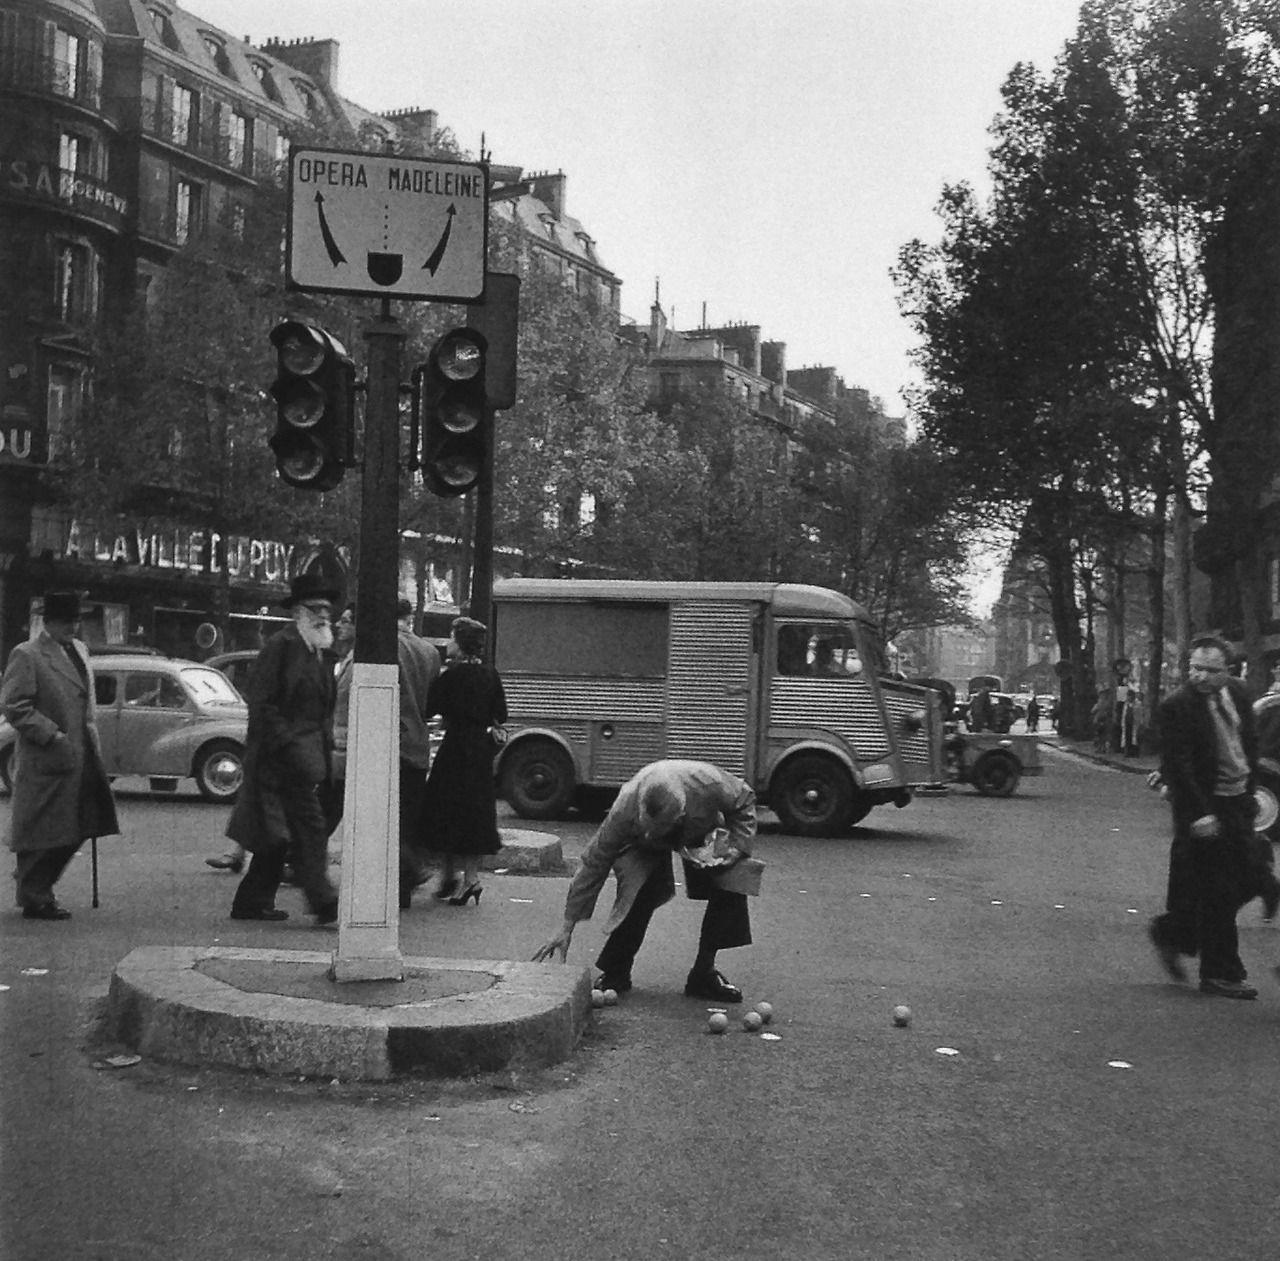 Paris 1954, Robert Doisneau